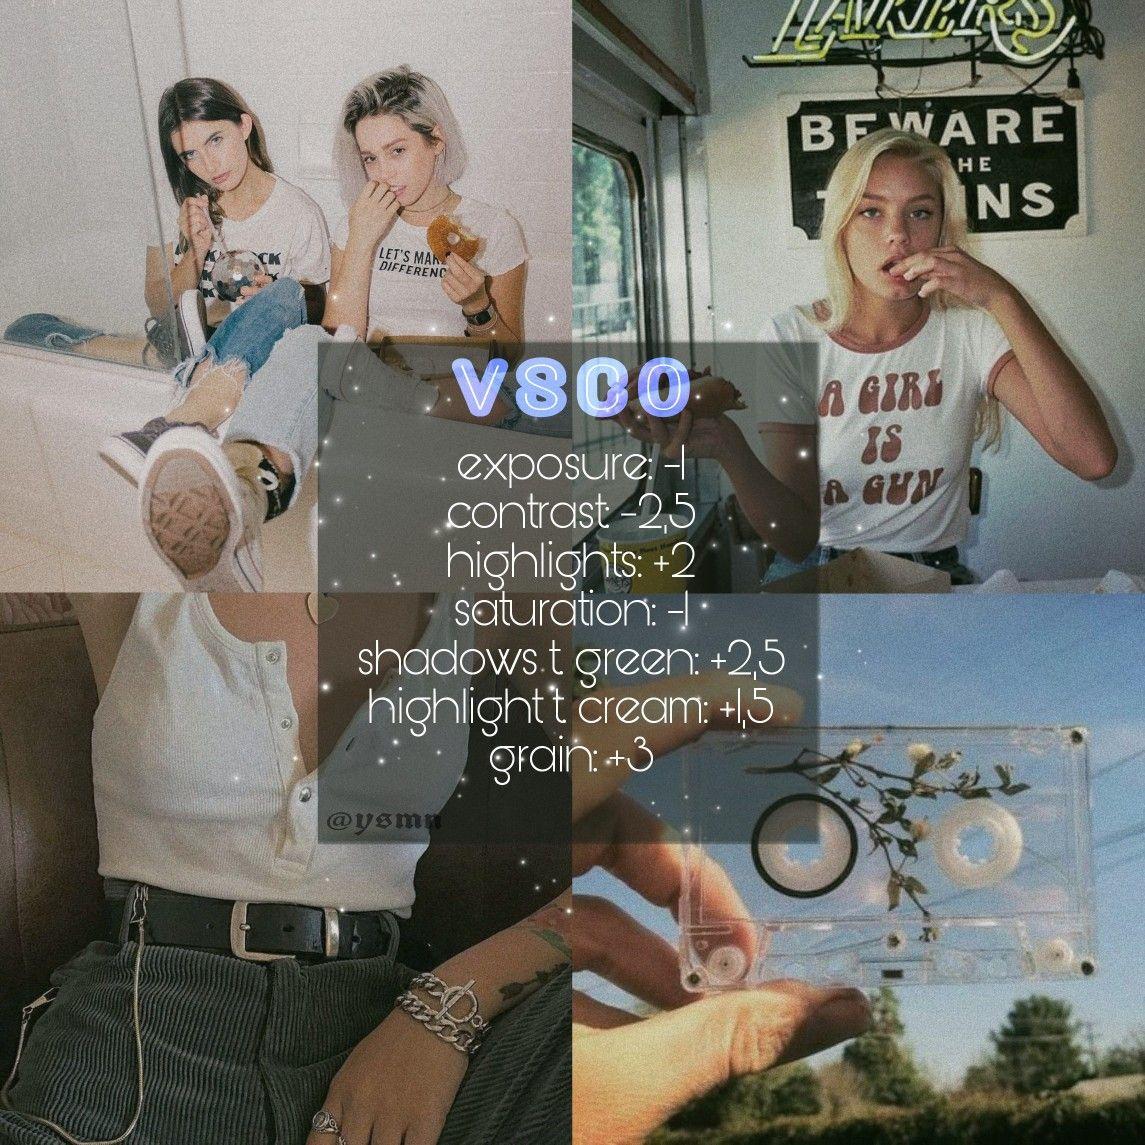 Vsco Filters Best Vintage Filters Vsco Free Vsco Filter Instagram Photo Editing Vsco Best Vsco Filters